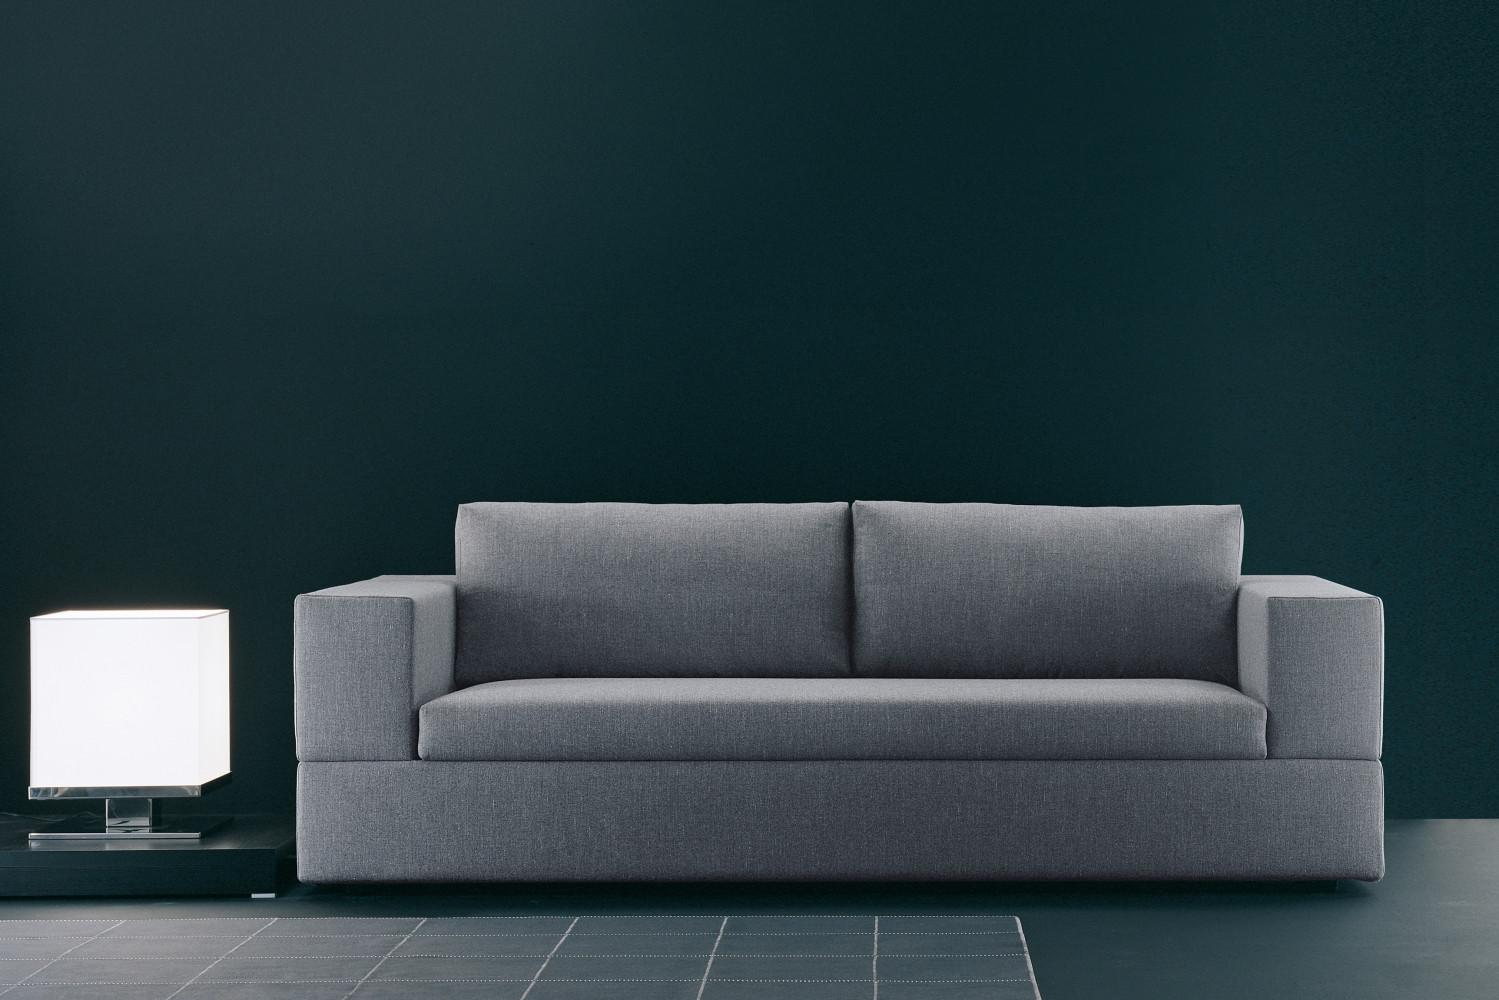 Divano letto futon ikea usato : divano letto angolare usato ...